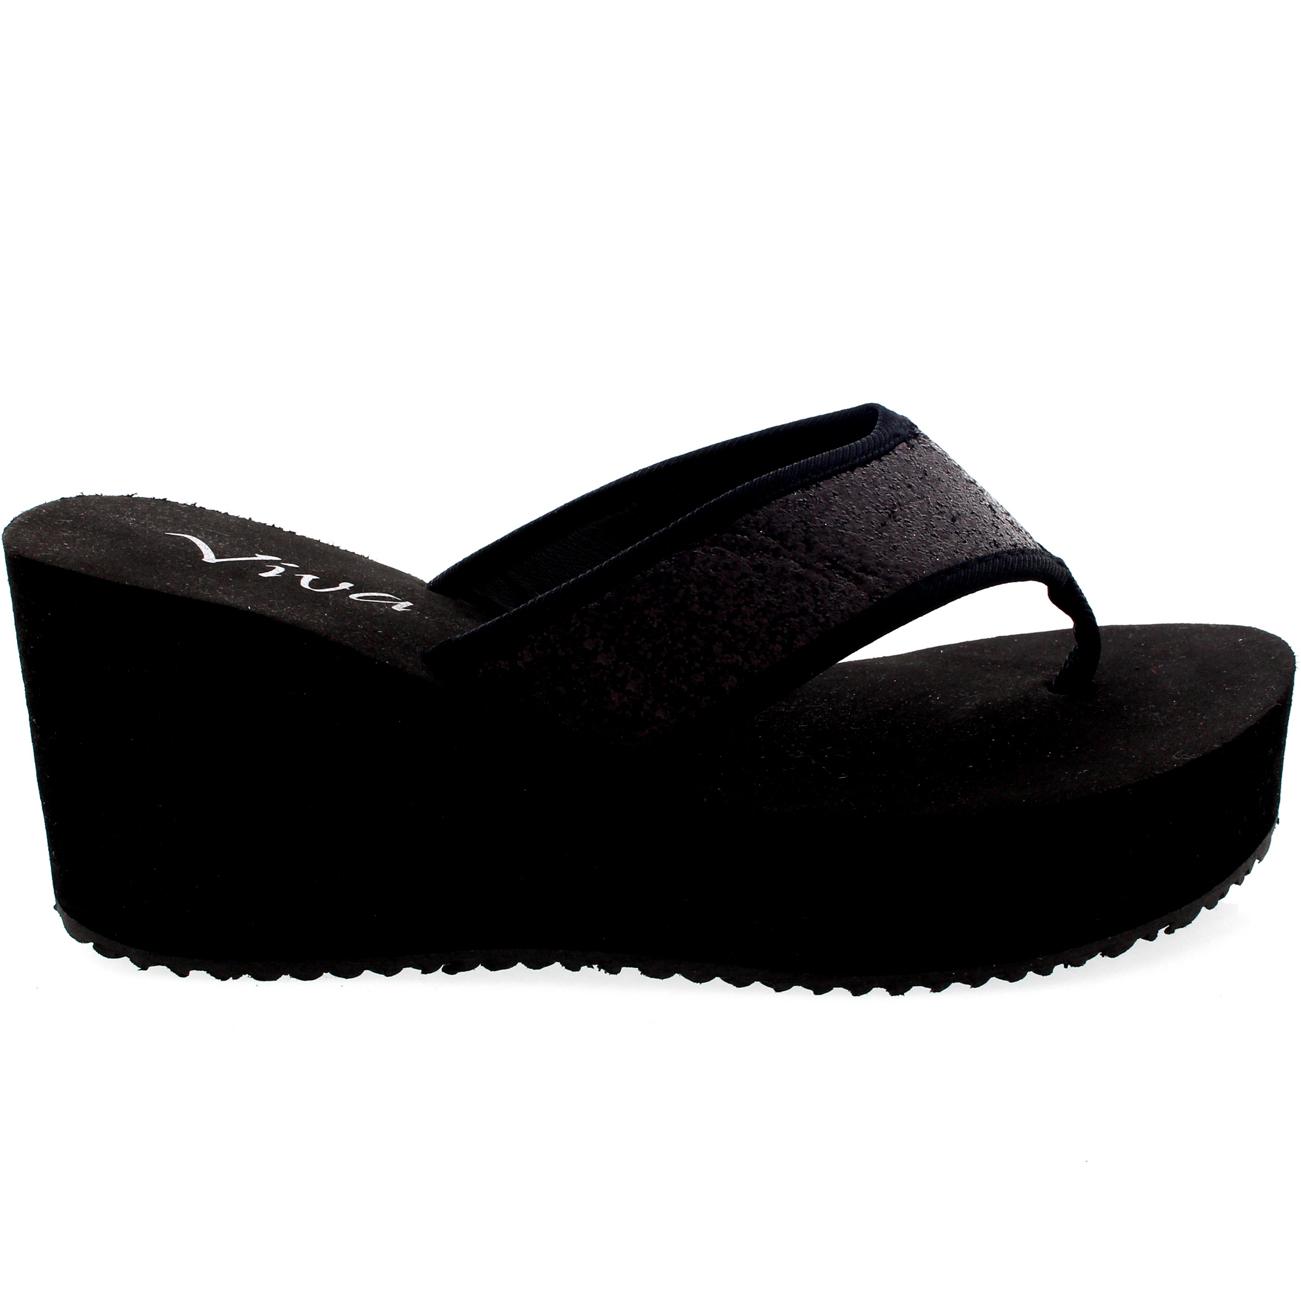 Brillo Flip Flop para Mujer Punta Abierta Cuña con Plataforma Tacón Alto Sandalias Reino Unido 3-9